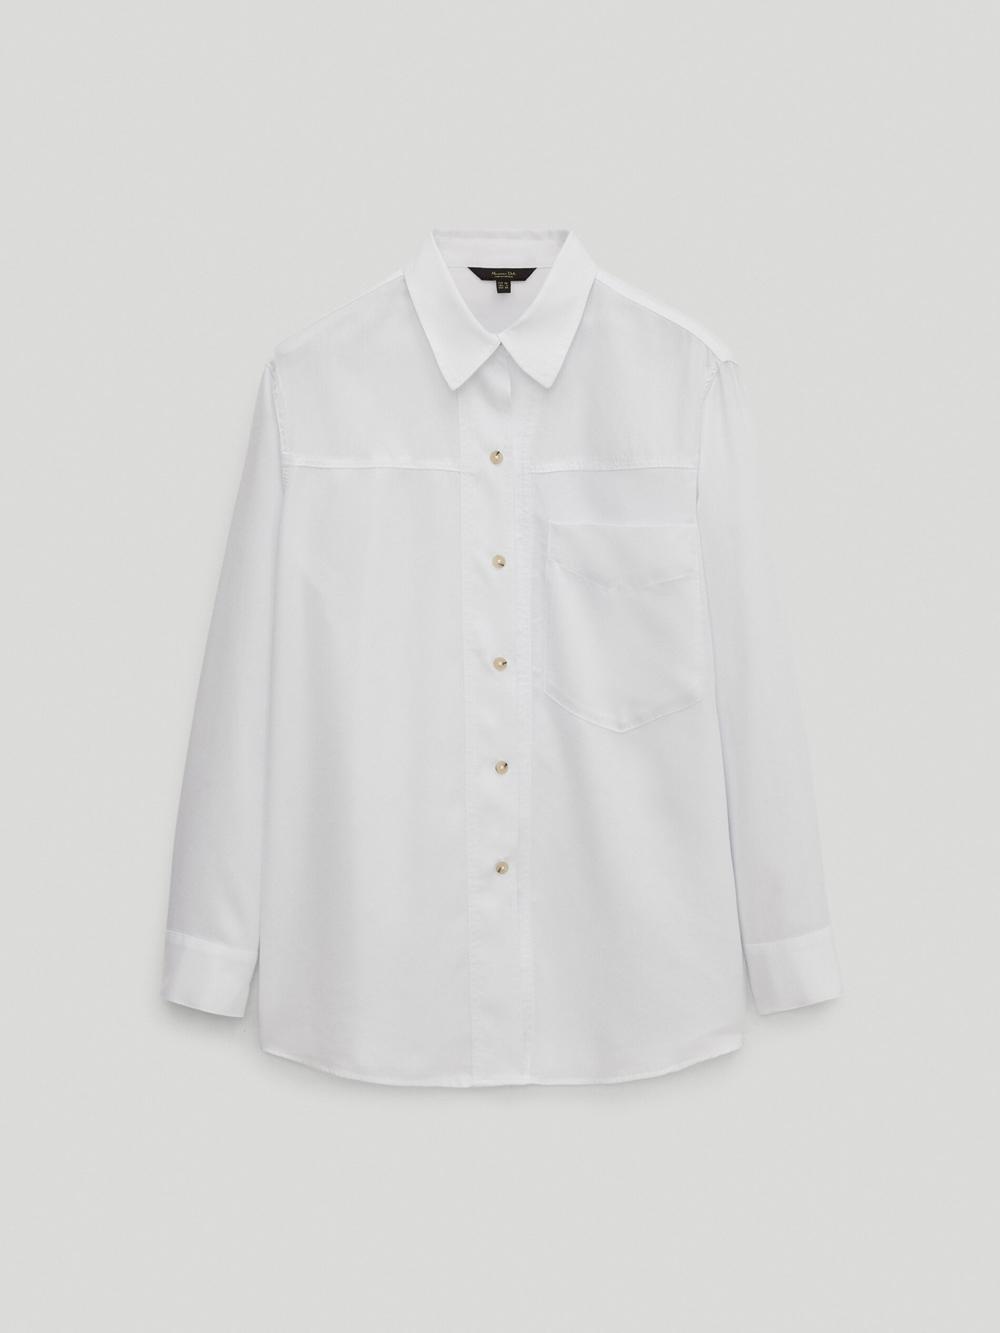 Massimo Dutti košulje proljeće 2021.